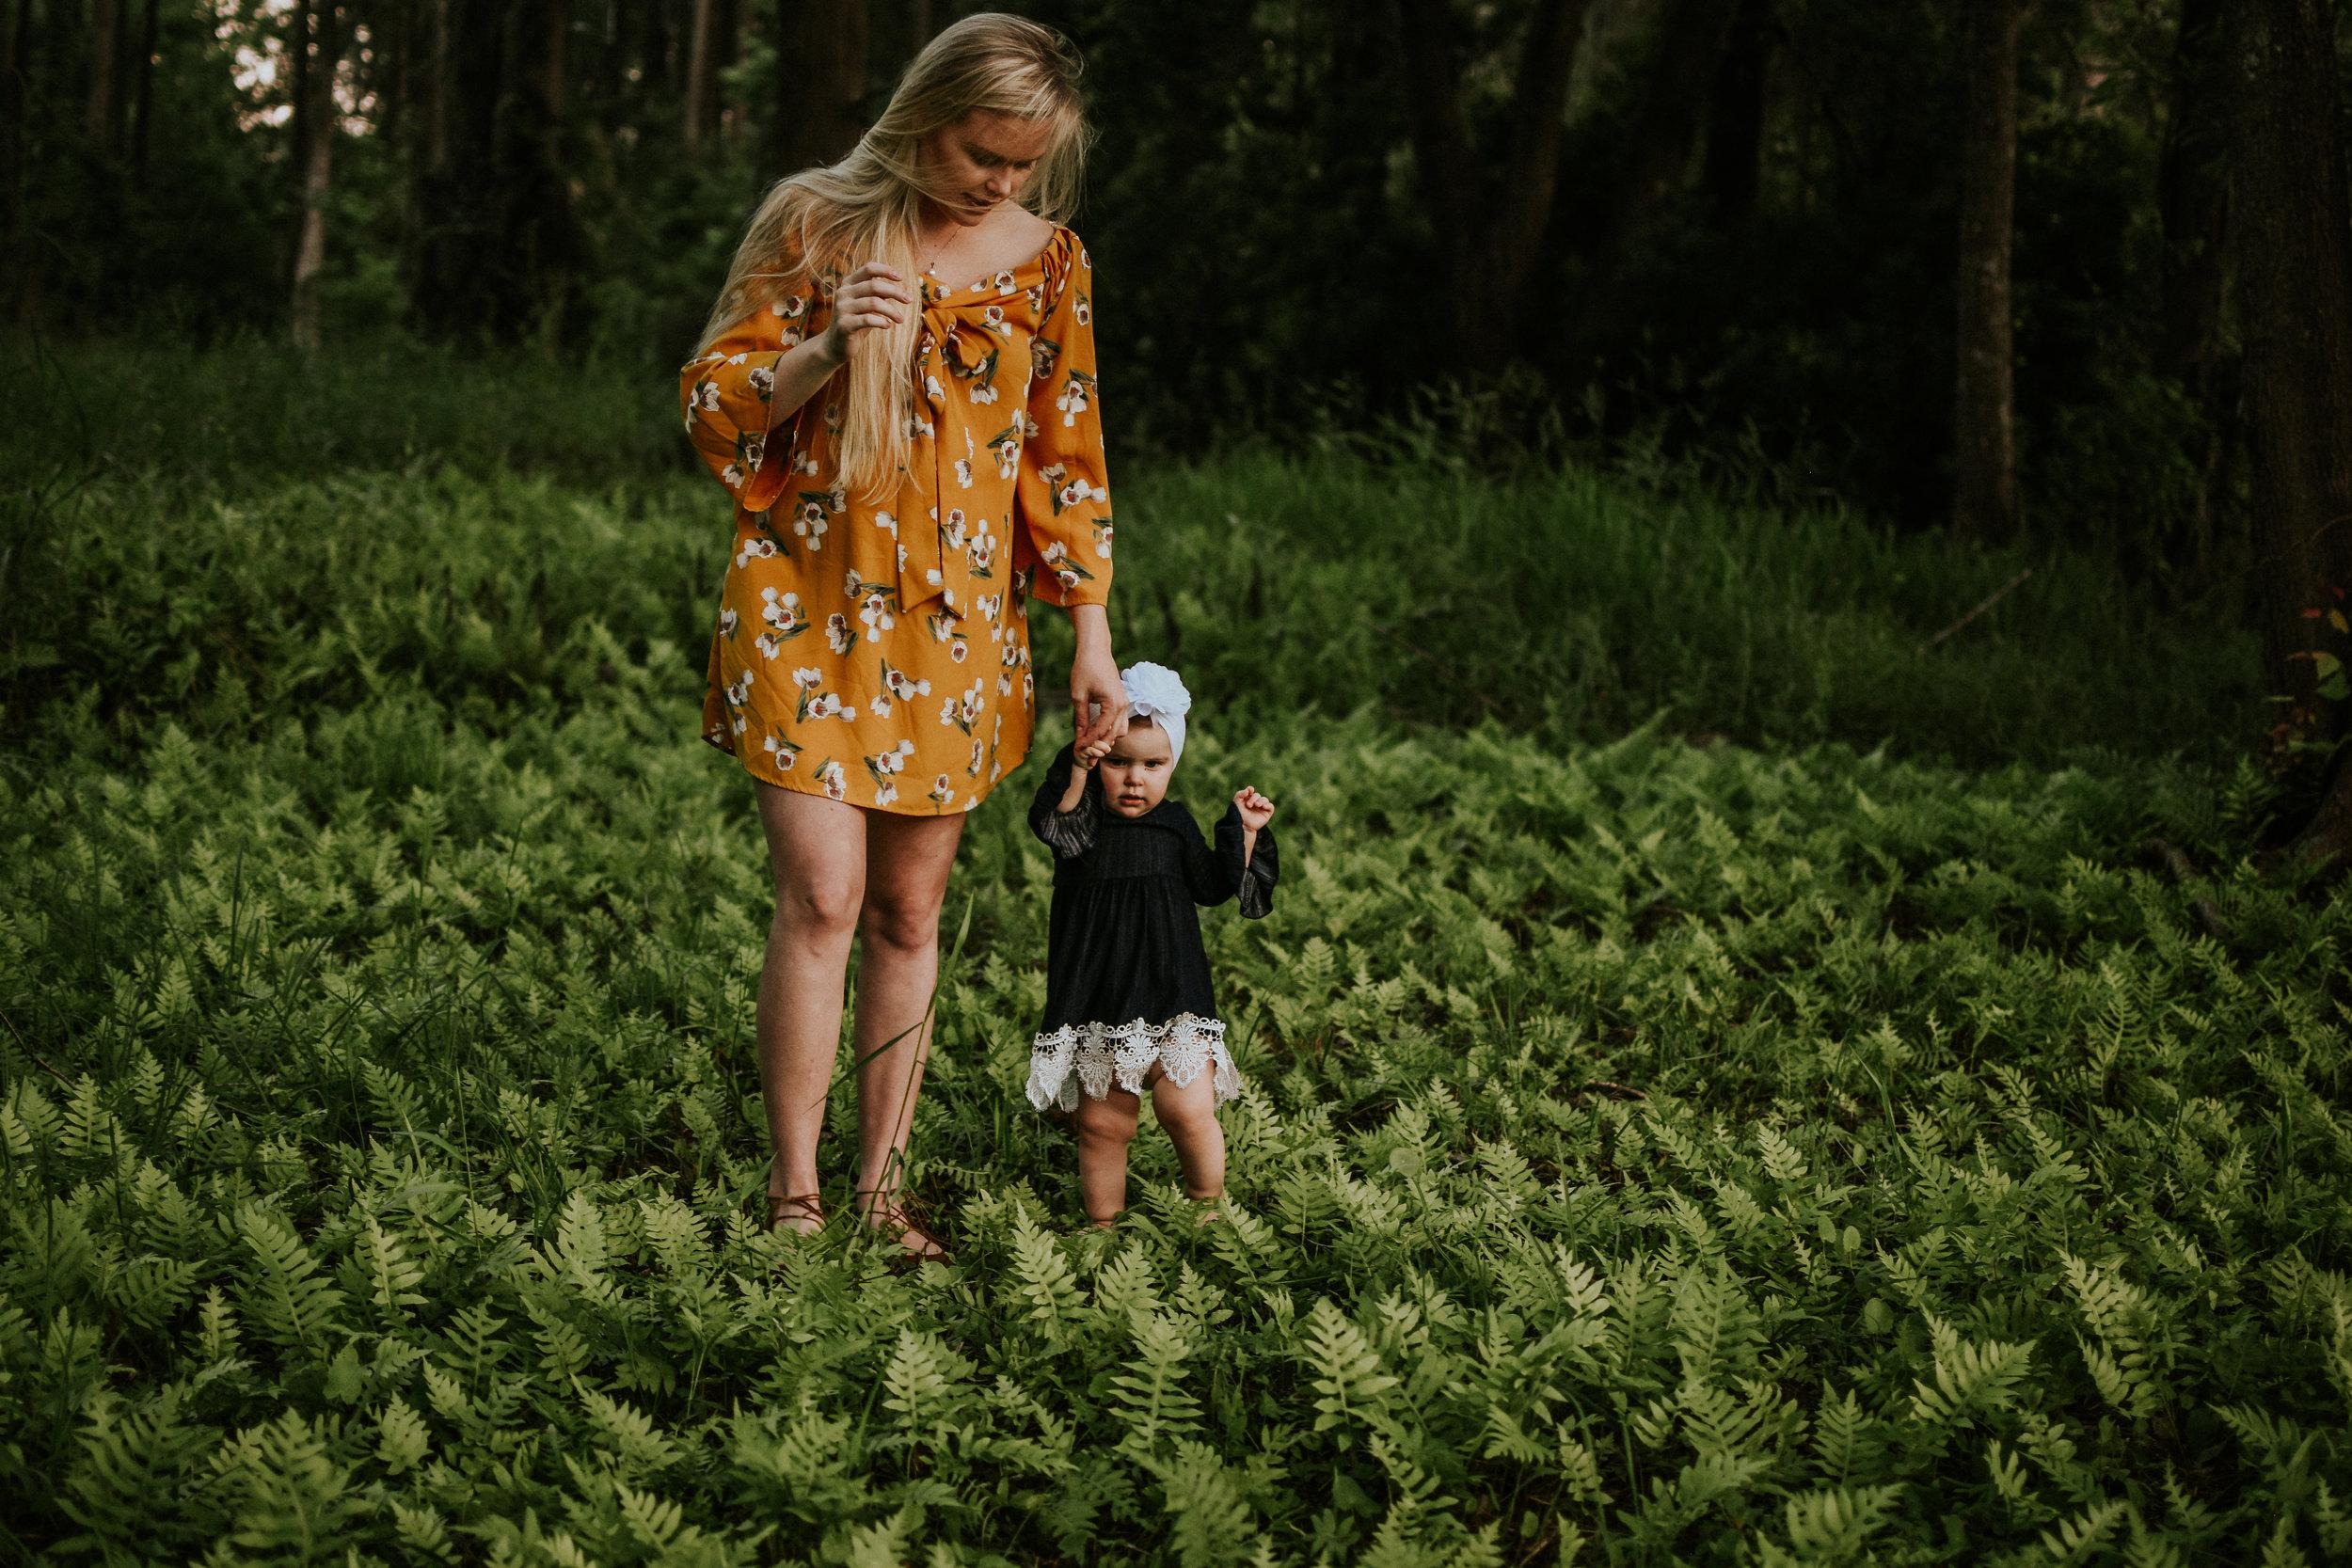 CrestviewFloridaLifestylePhotographer-MommyandMeSession-LakeJackson-FloralaAlabama-8.jpg